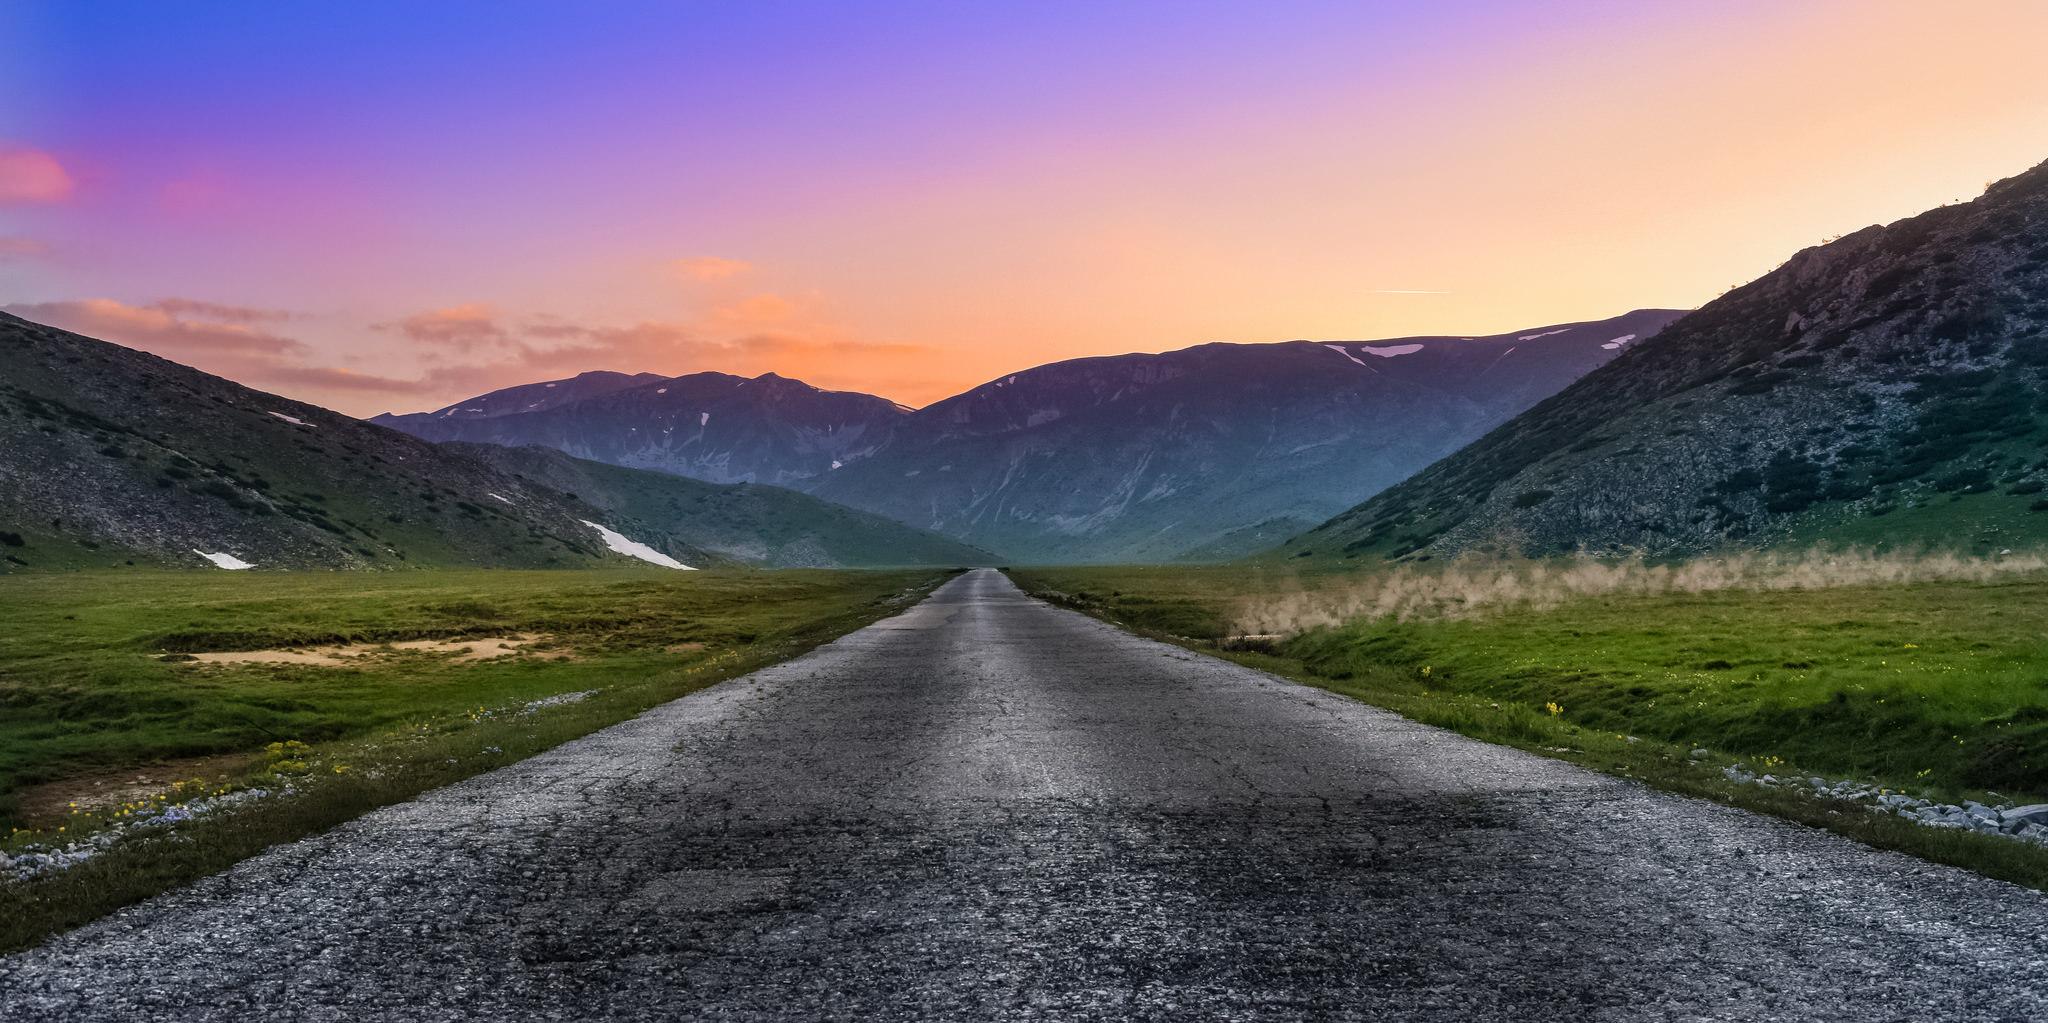 Paisaje de colores en la carretera - 2048x1023